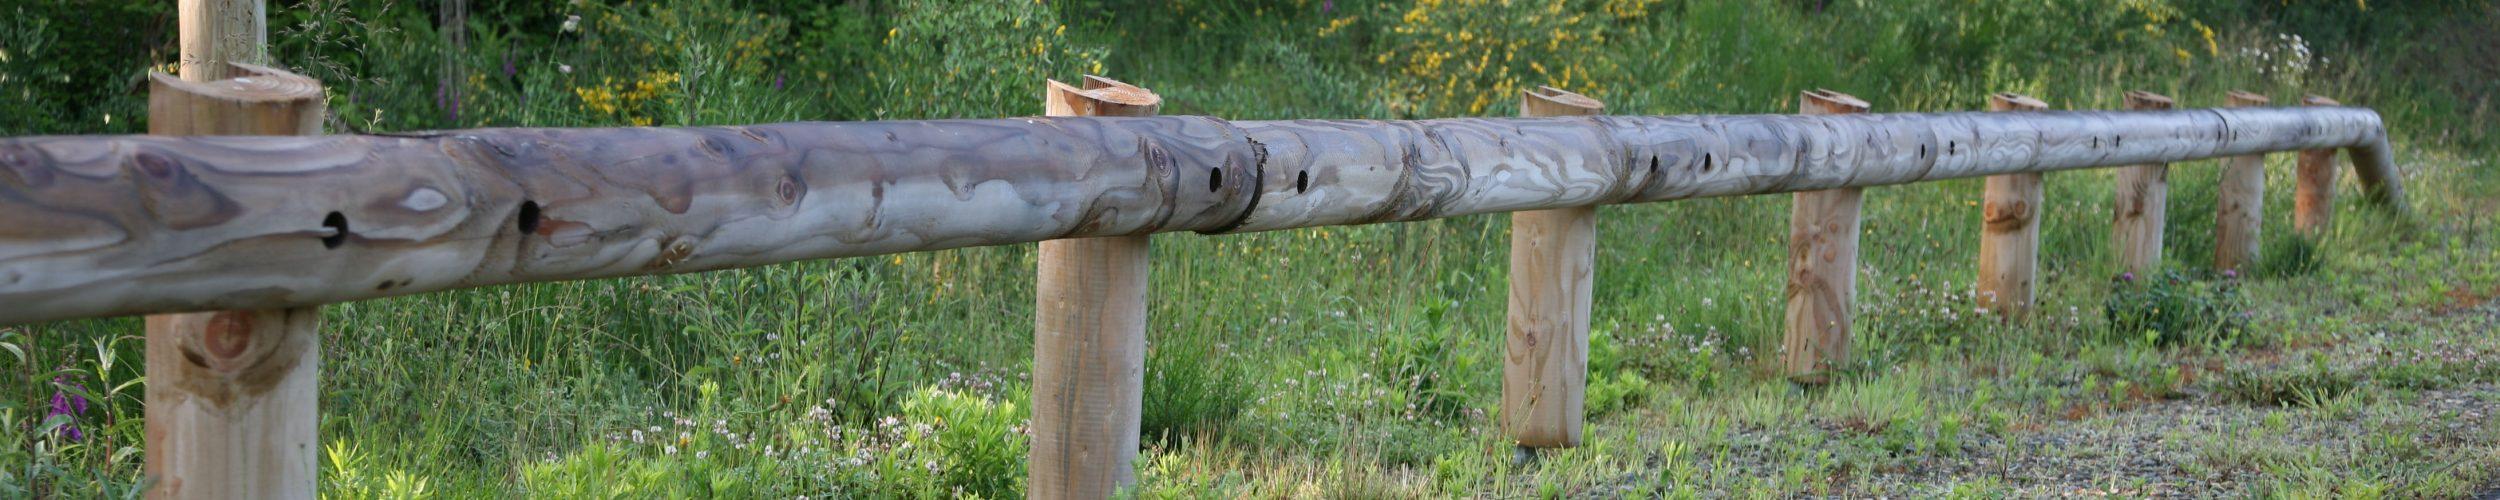 glissière de sécurité bois